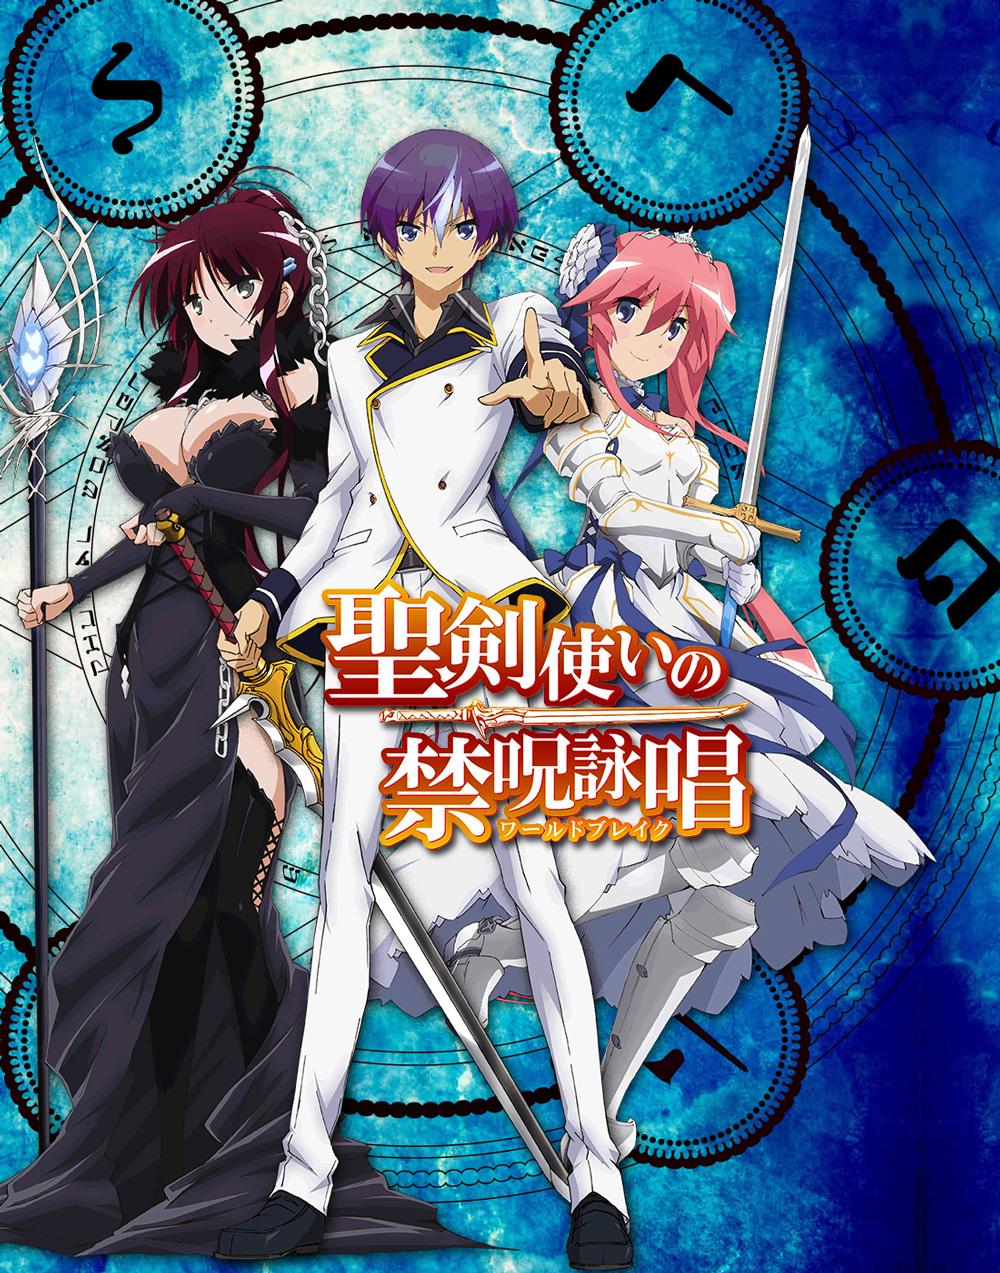 Seiken Tsukai No World Break Anime Airing January 2015 Visuals